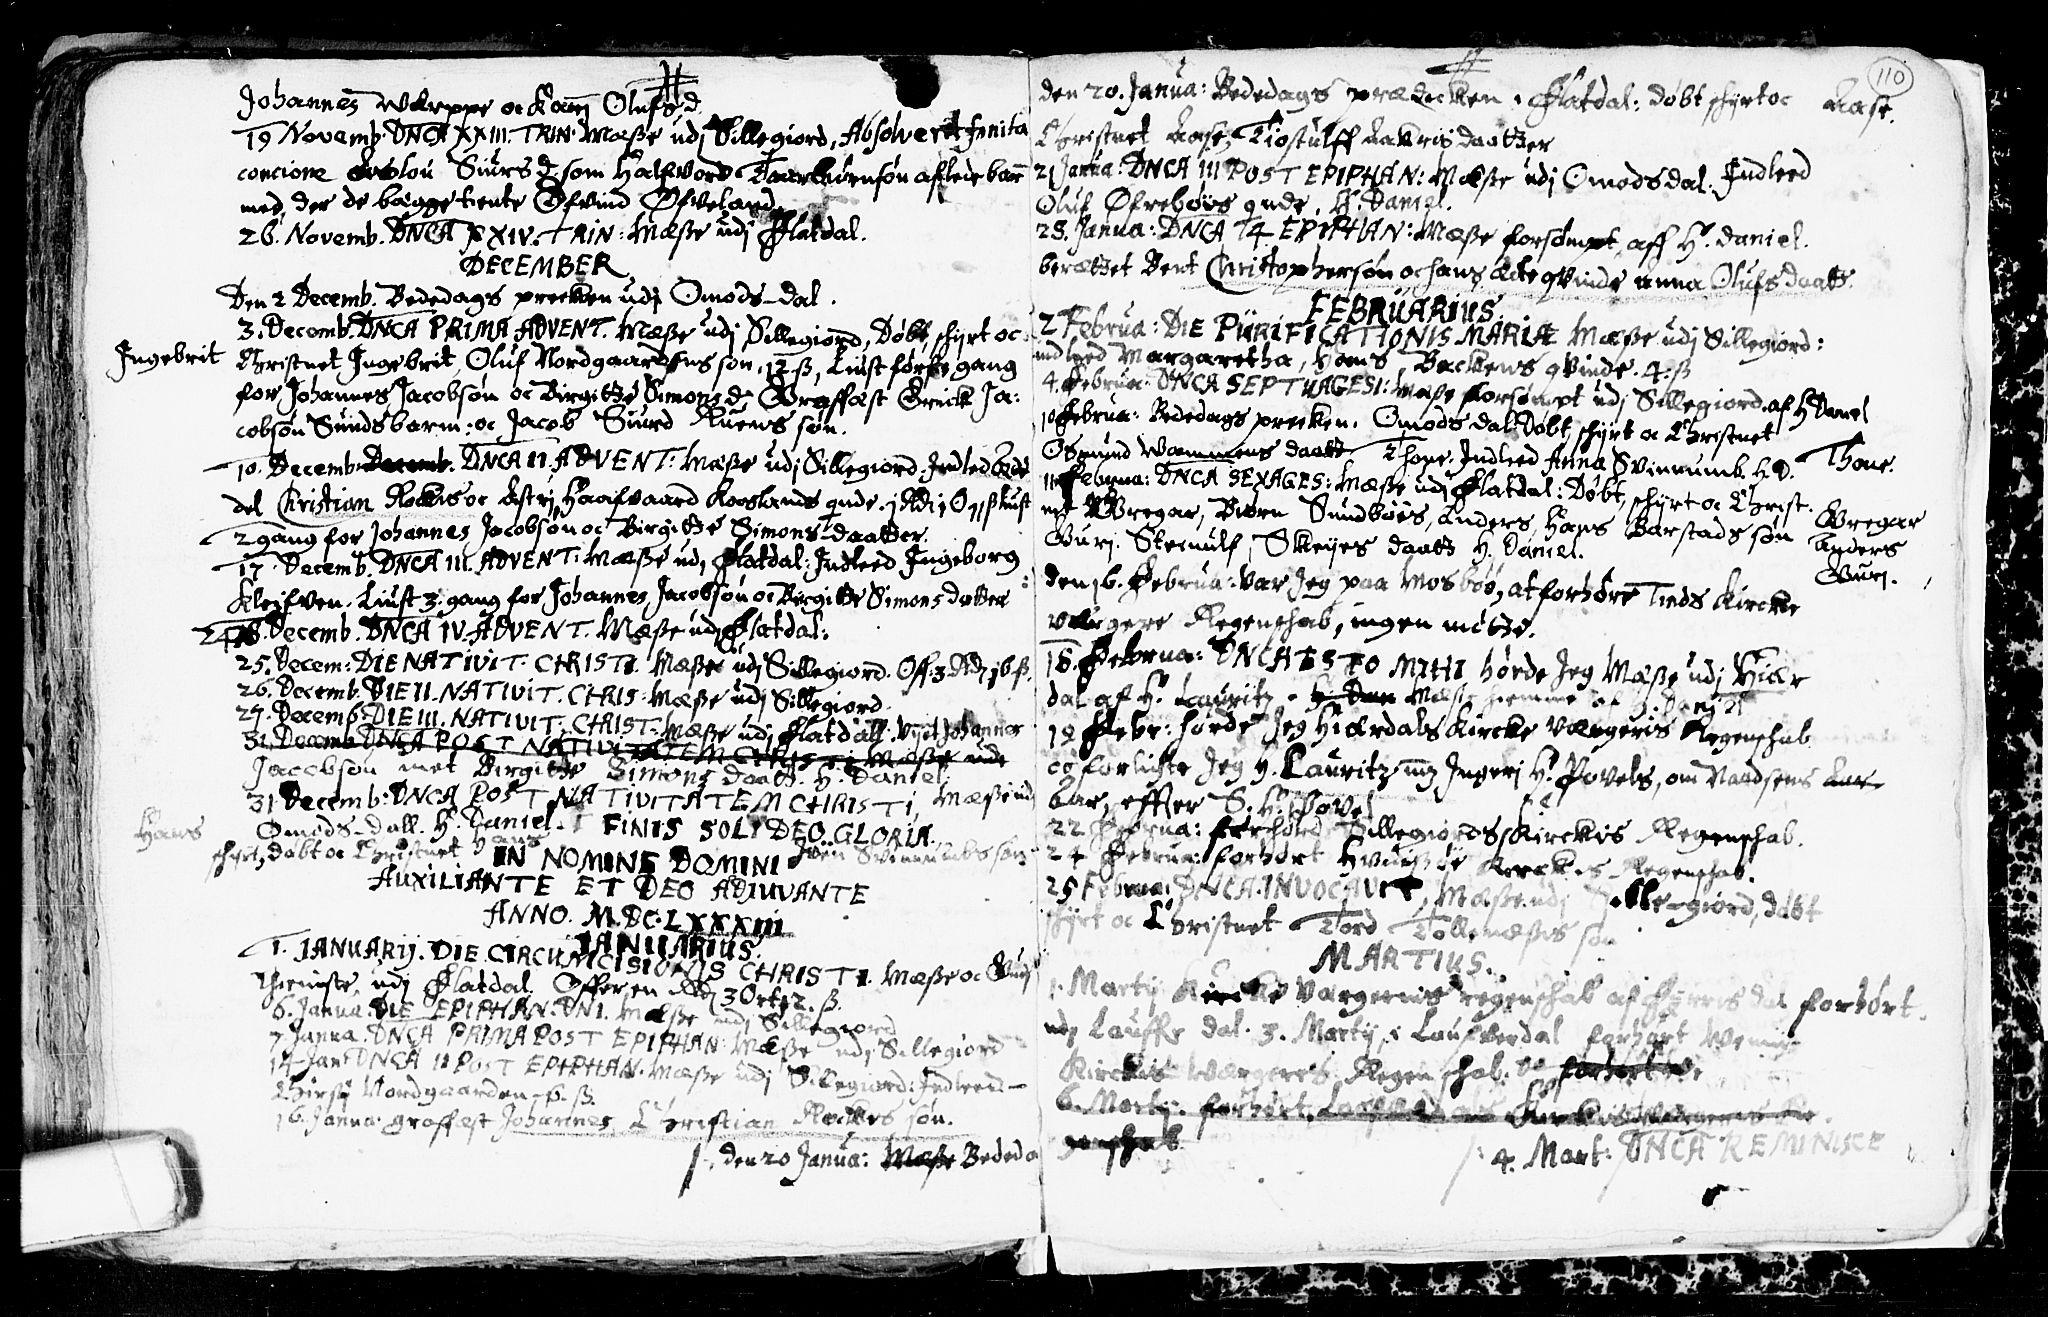 SAKO, Seljord kirkebøker, F/Fa/L0001: Ministerialbok nr. I 1, 1654-1686, s. 110